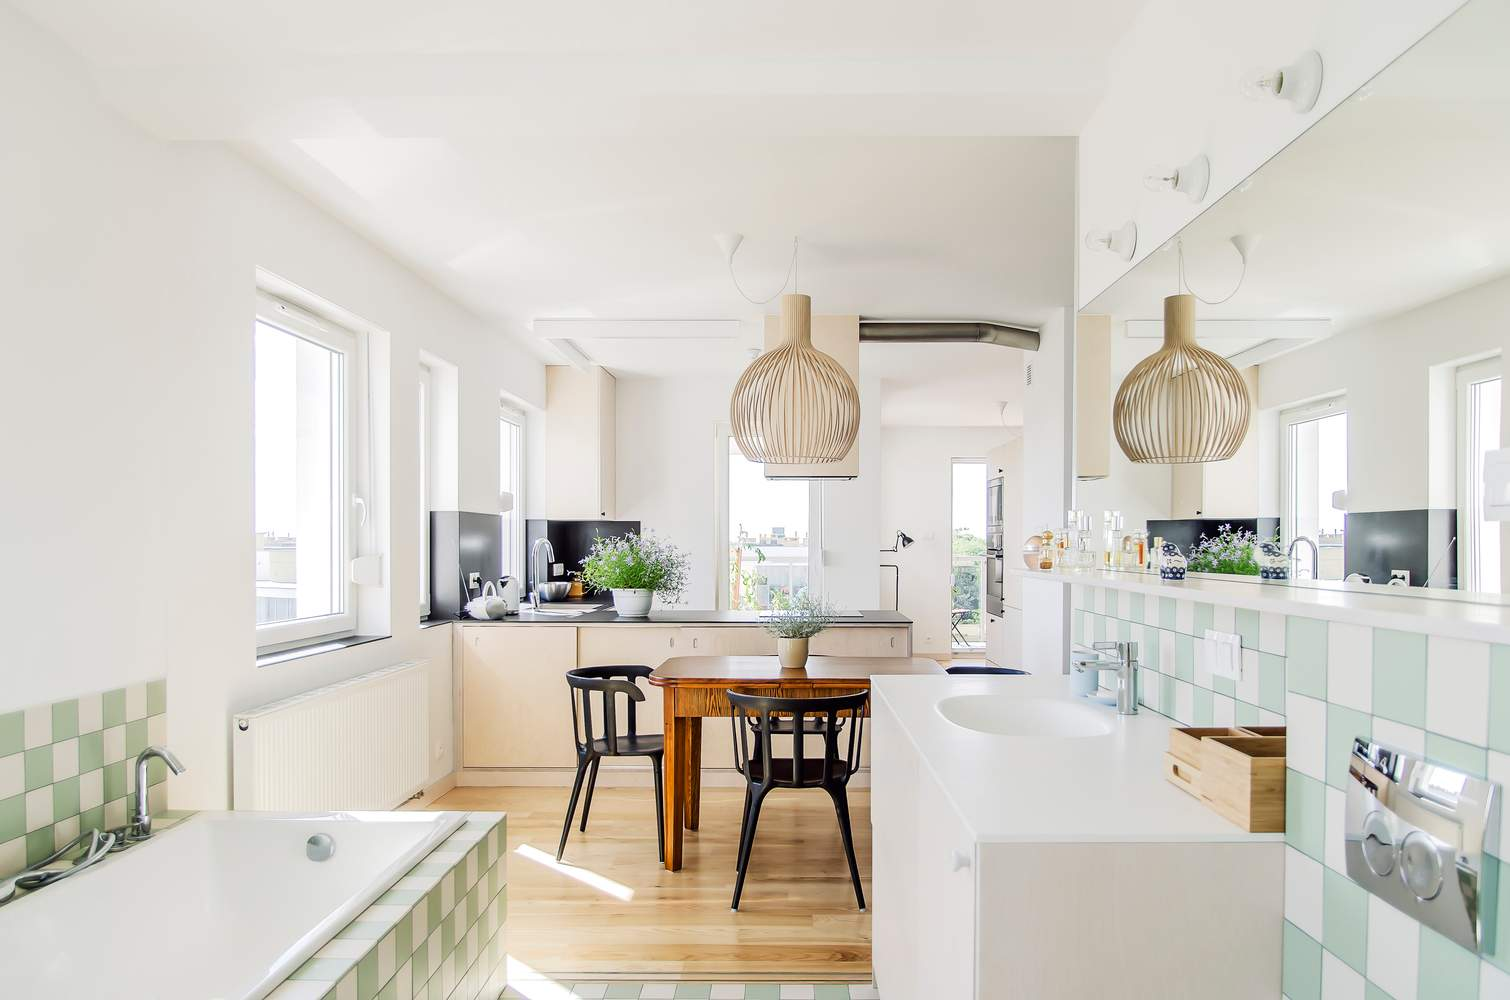 Кухню вдалось гармонійно поєднати з їдальнею / Фото Archdaily